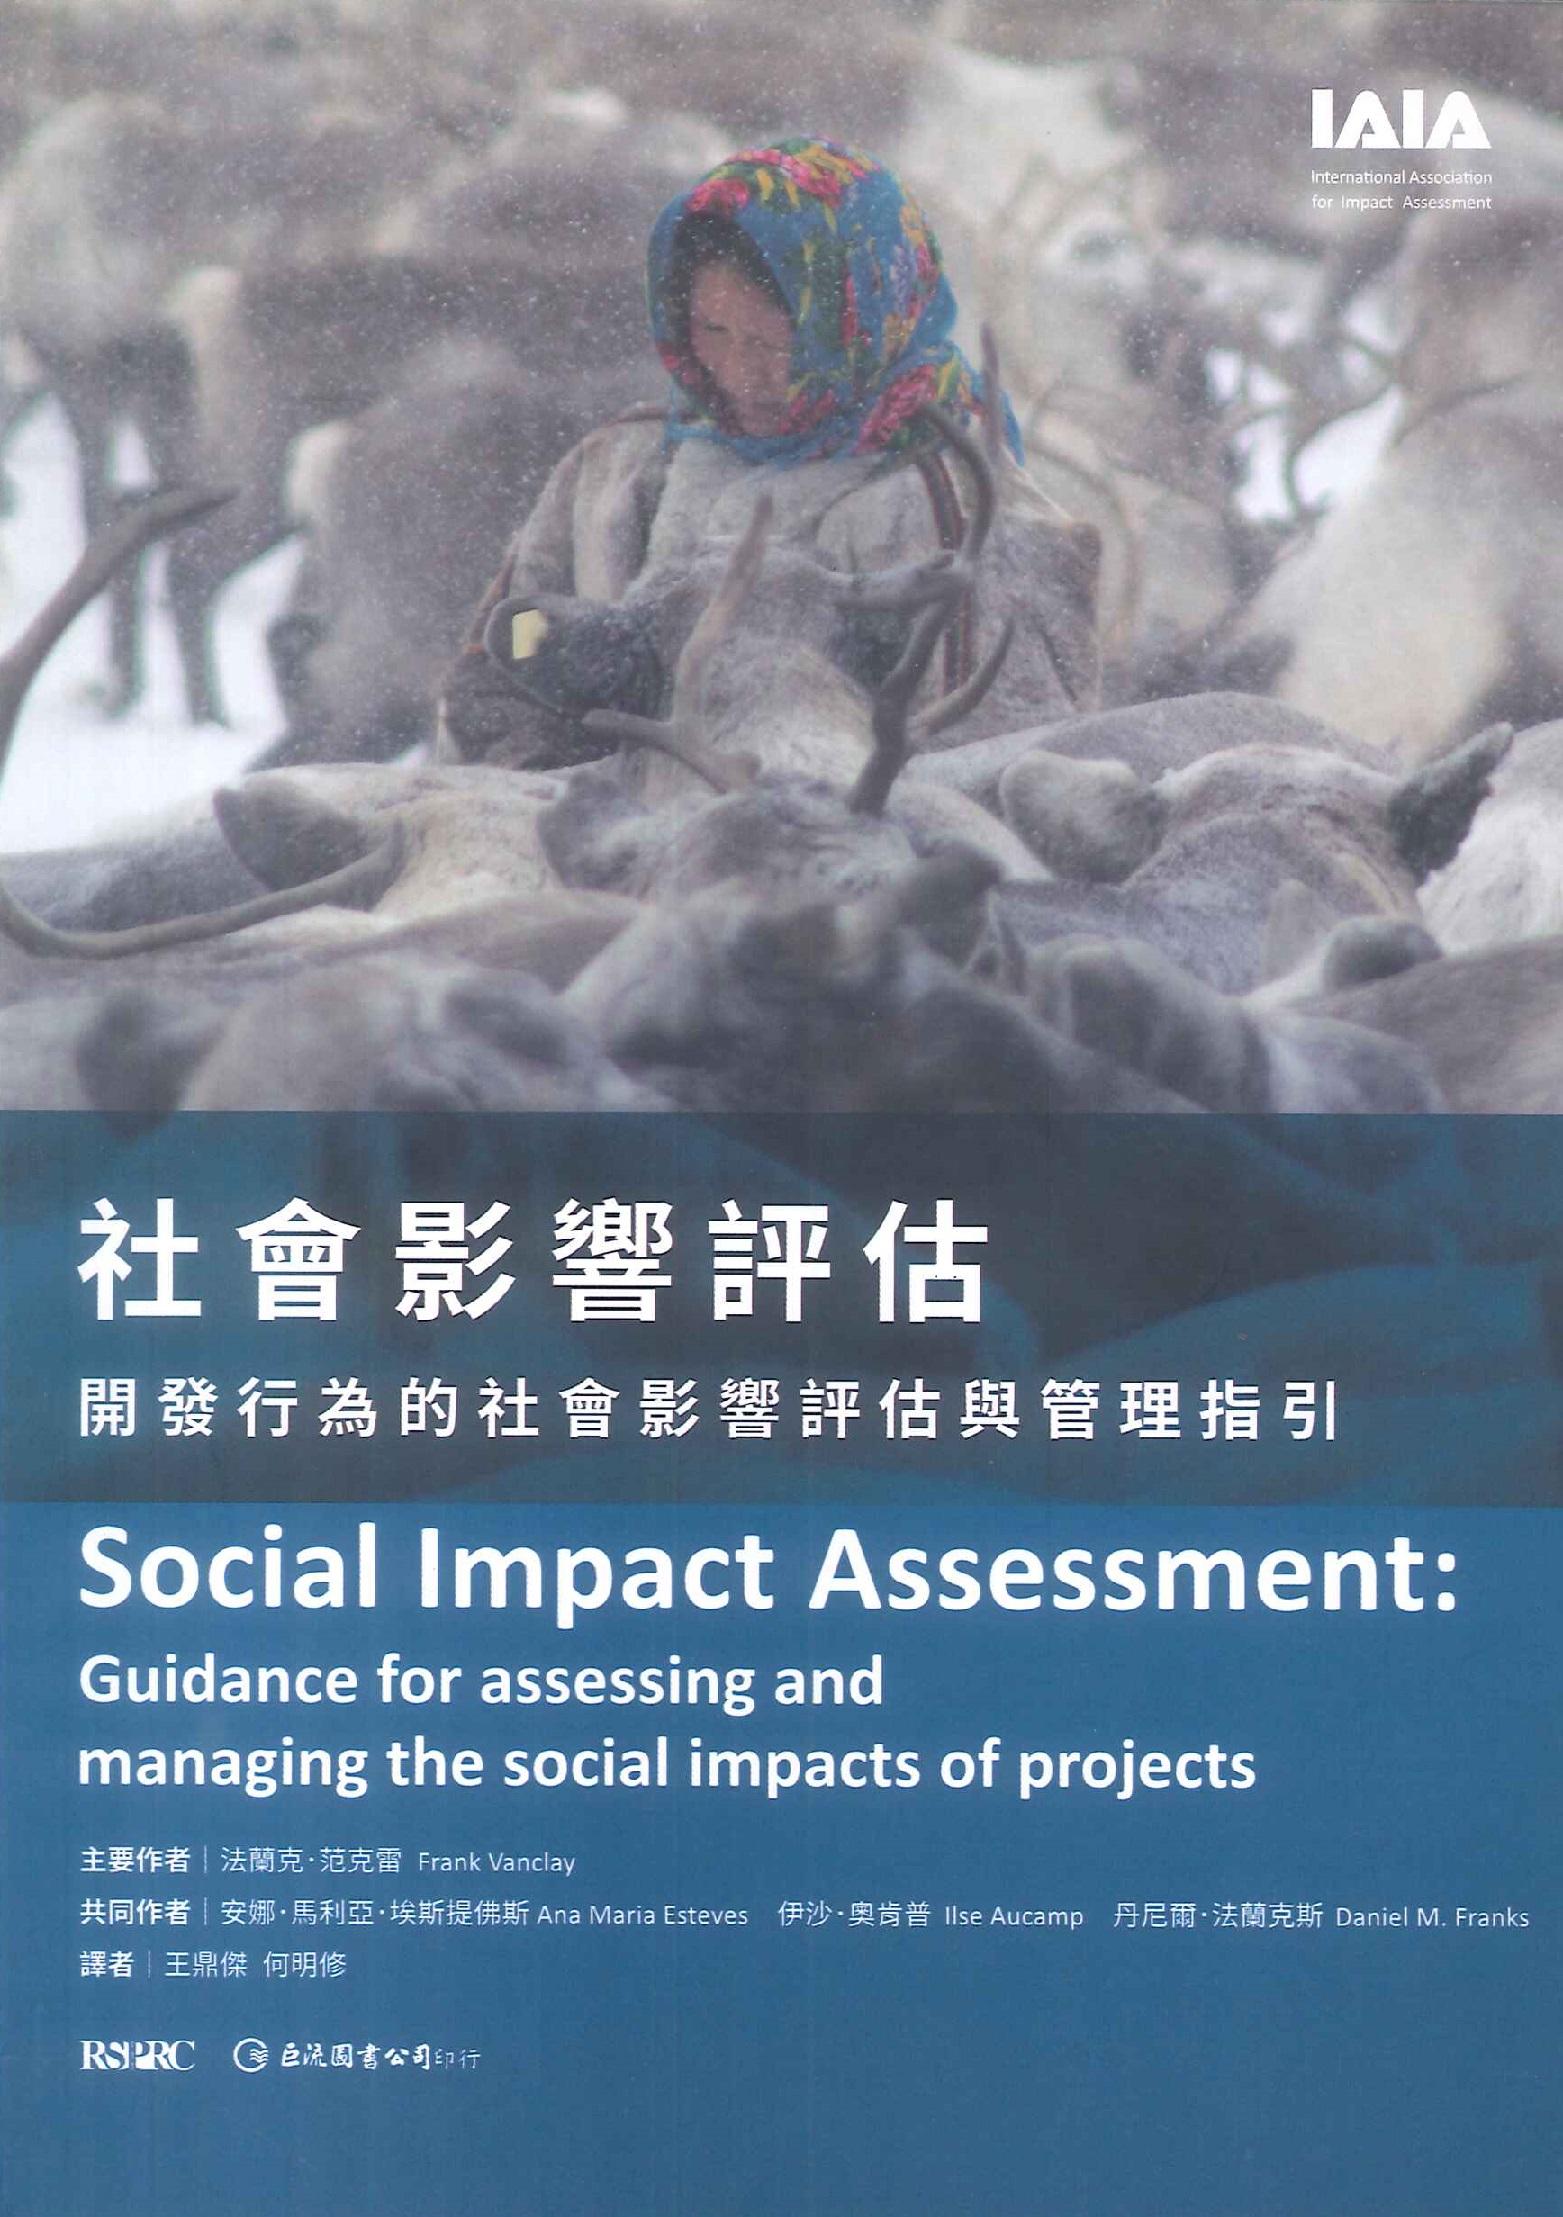 社會影響評估:開發行為的社會影響評估與管理指引